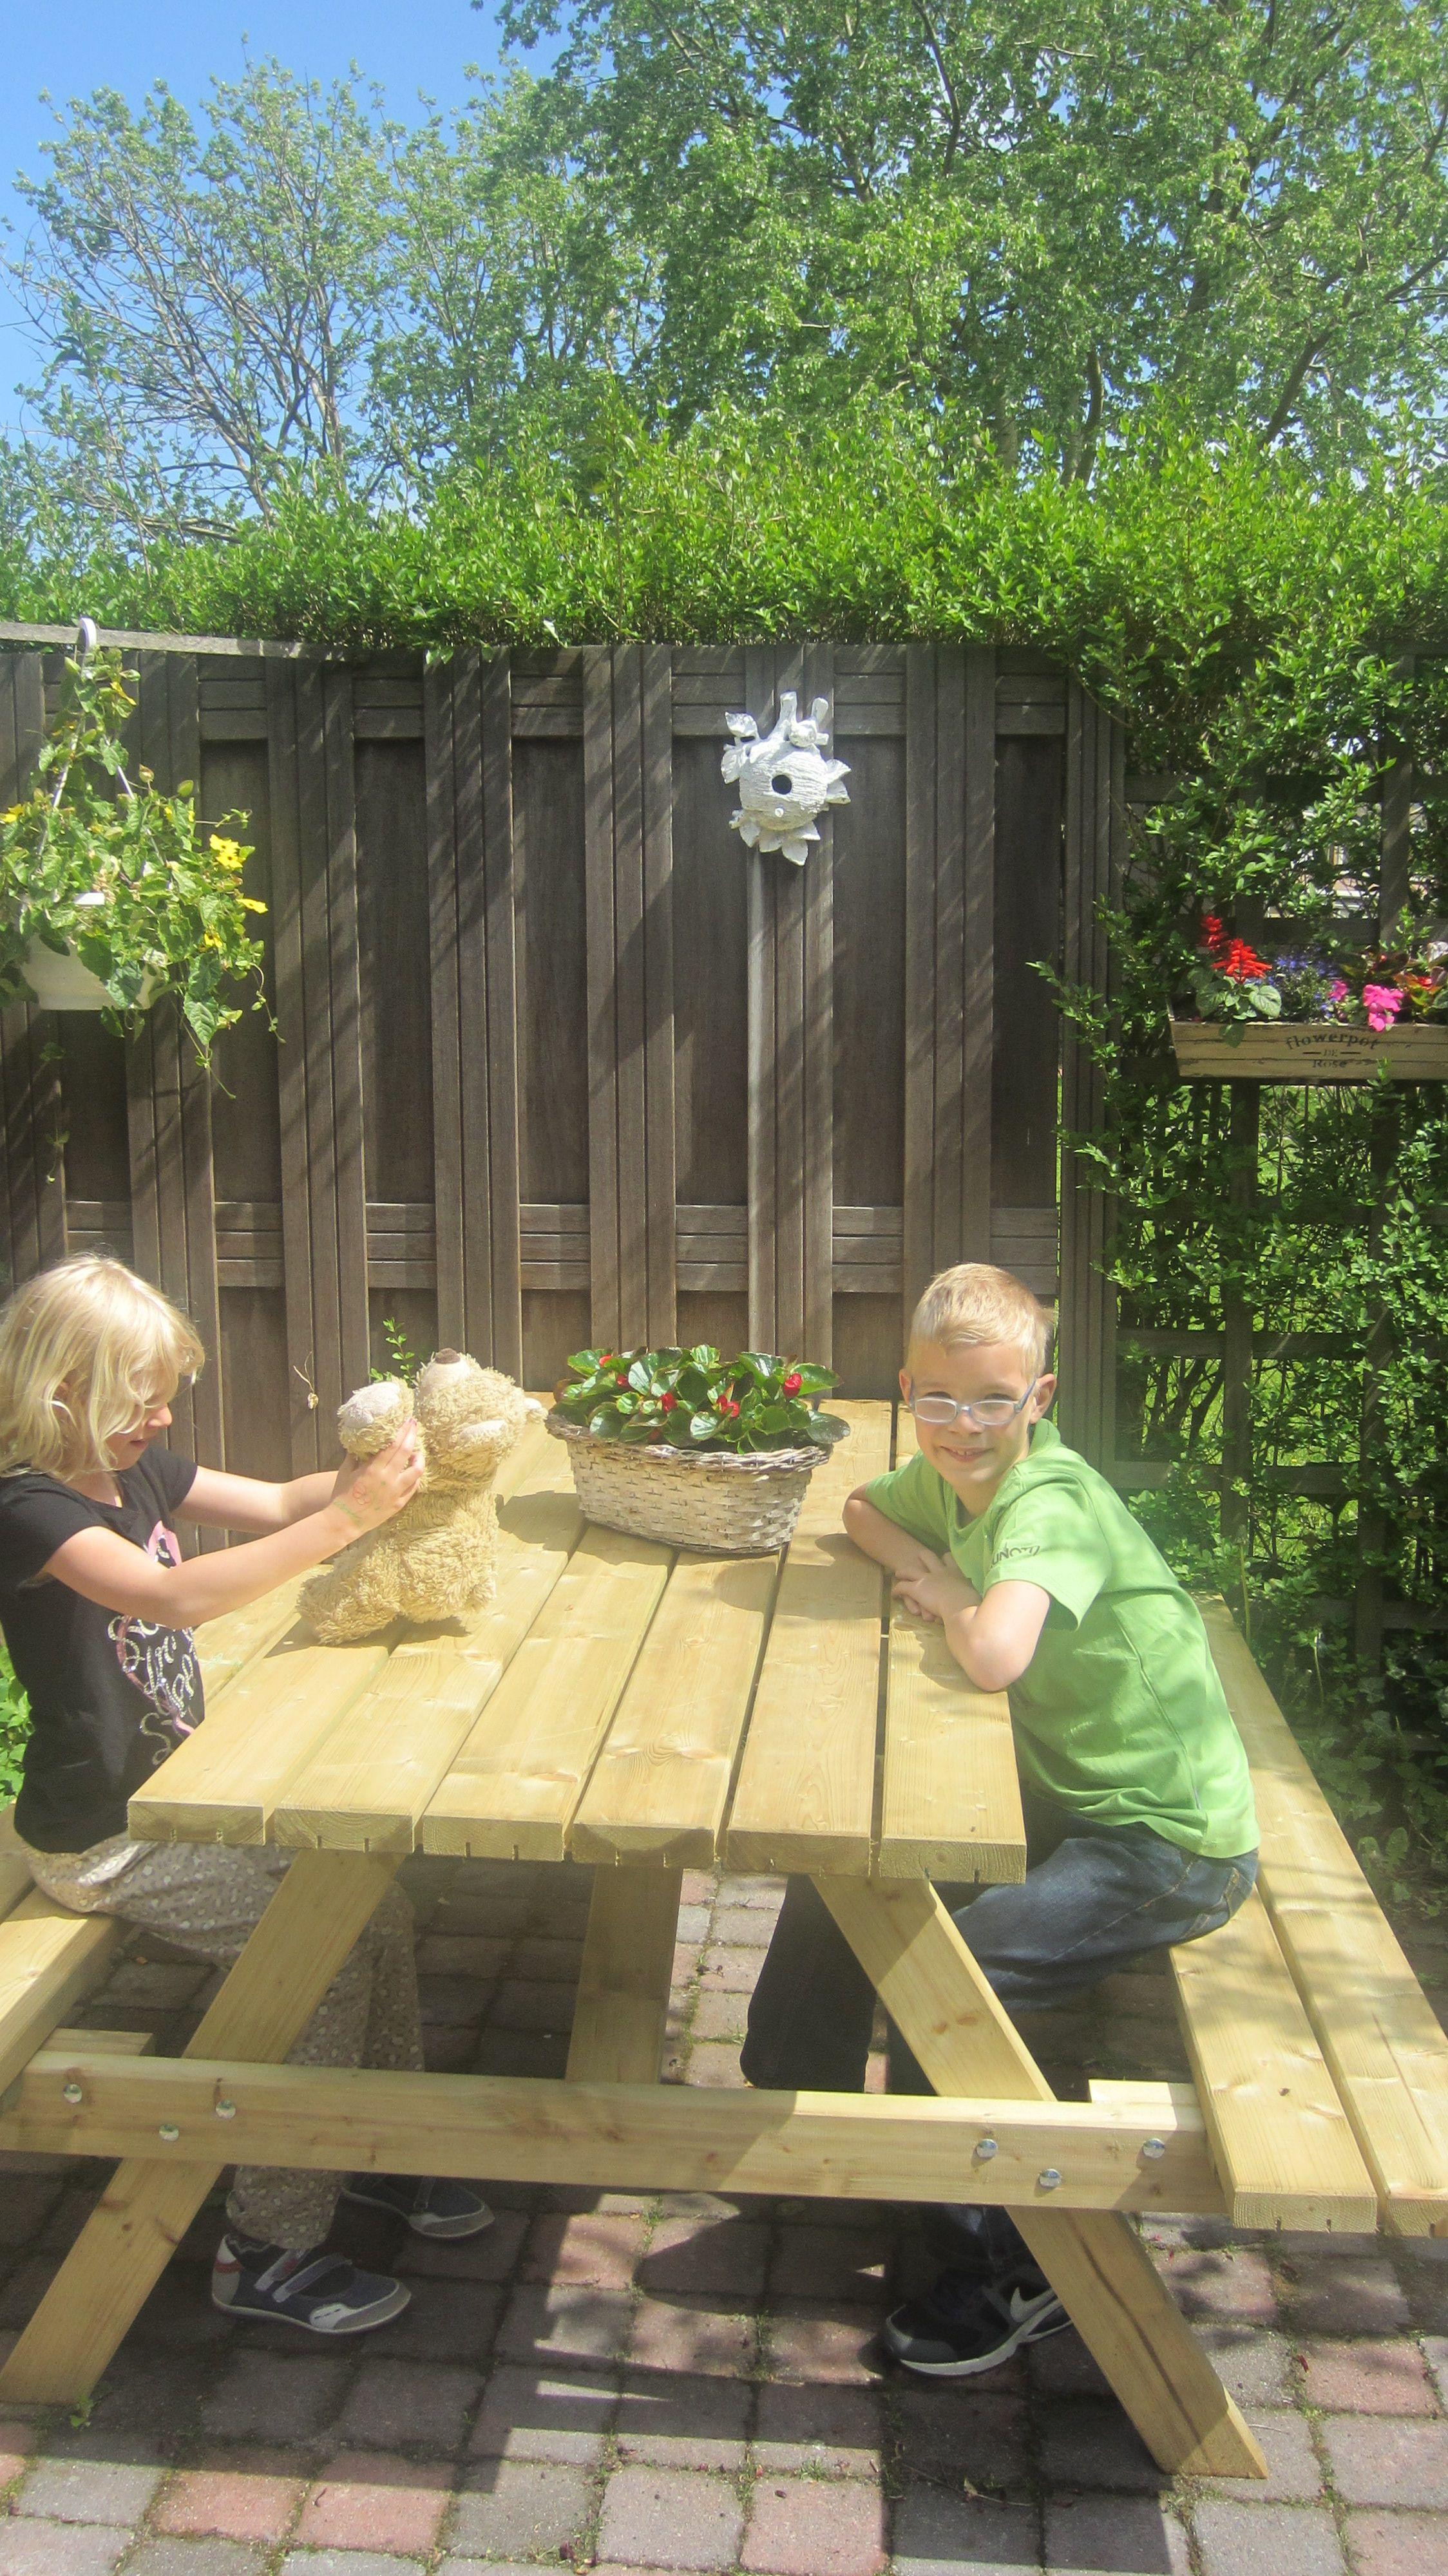 De picknicktafel gewonnen met Facebookactie door Diana Twigt staat er mooi bij, kinderen zijn er ook blij mee.